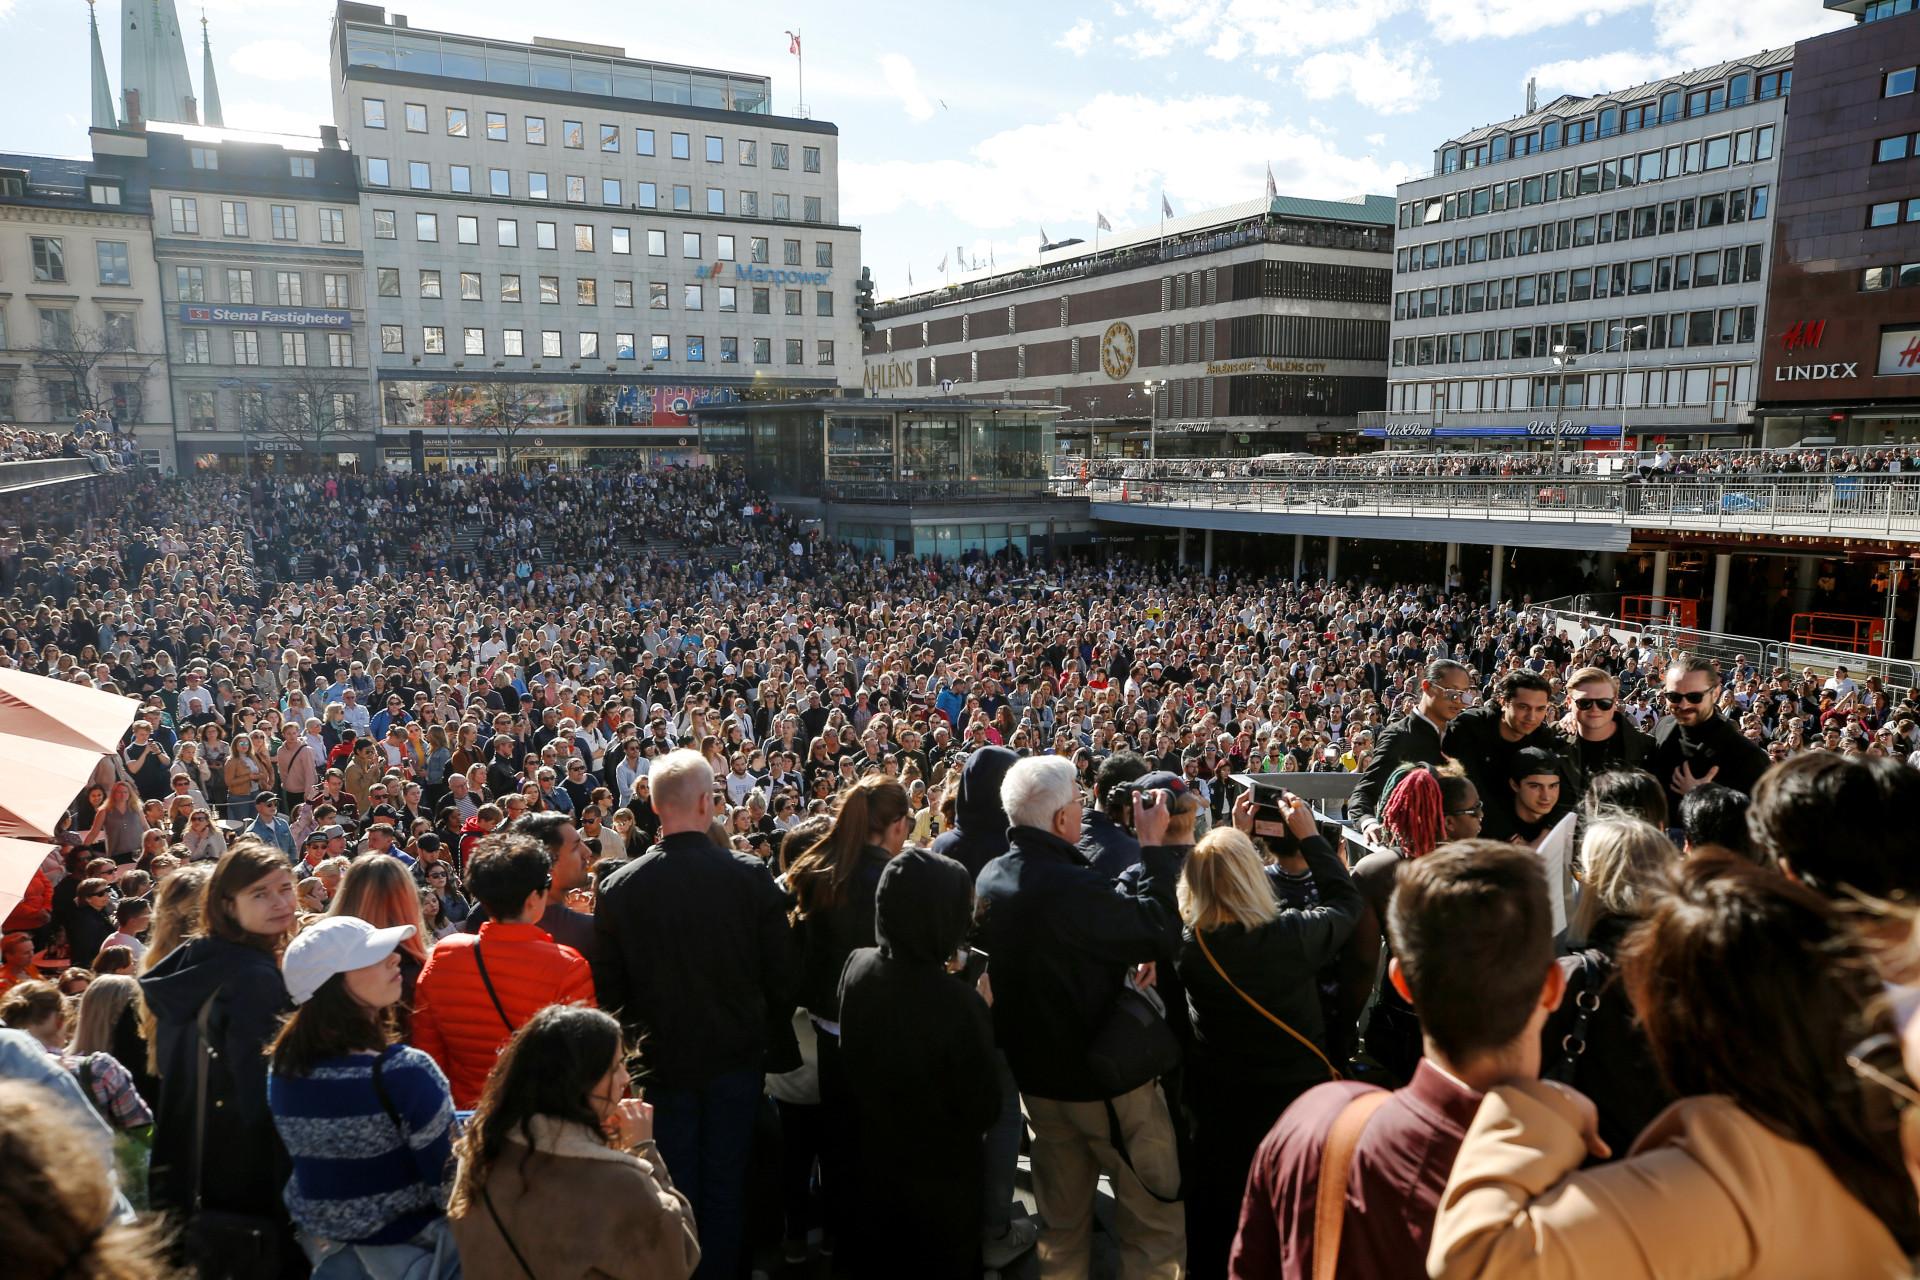 Milhares de fãs ouvem música de Avicii em tributo ao cantor em Estocolmo